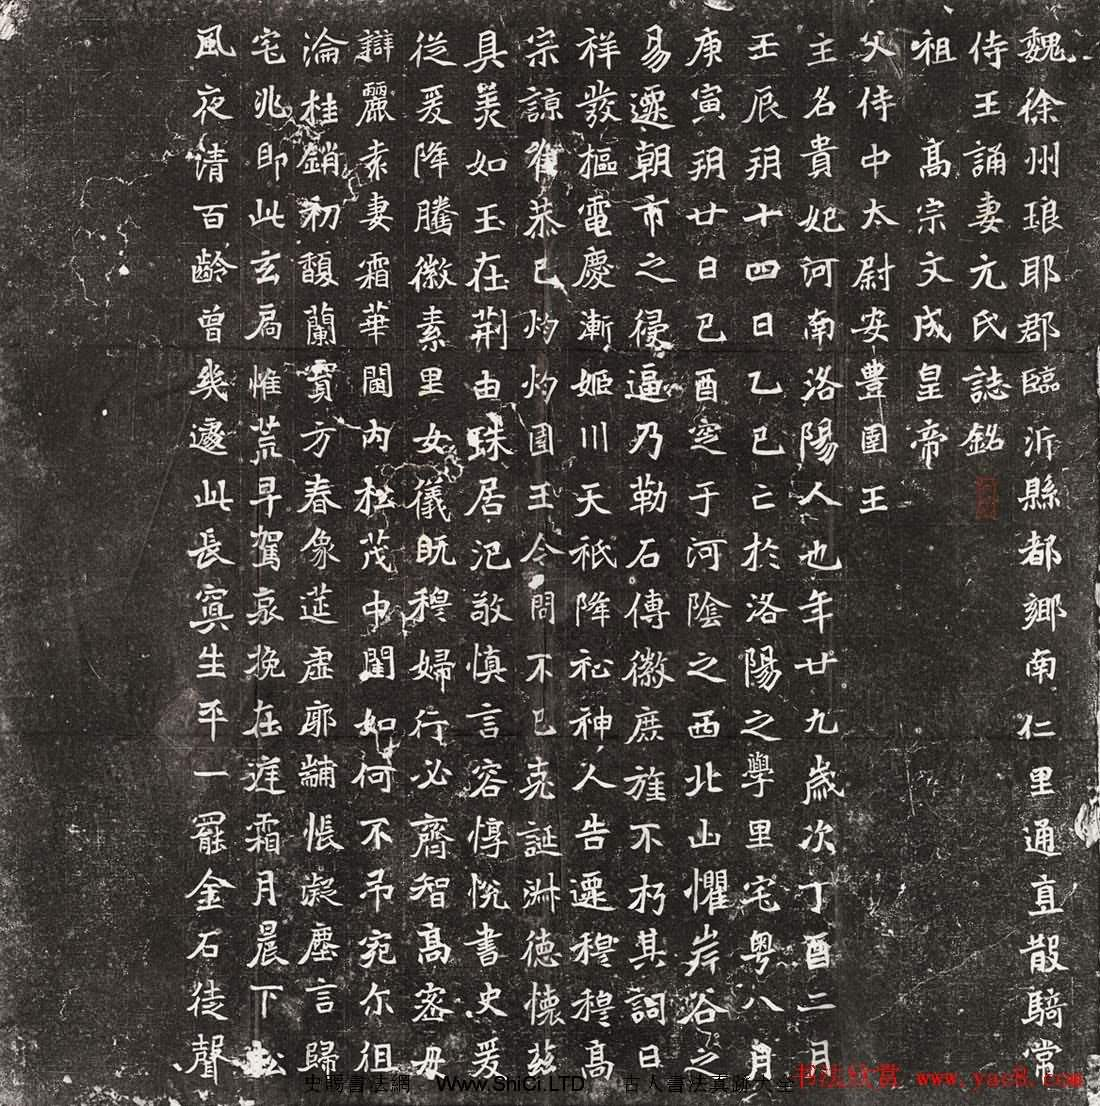 北魏碑刻書法字帖《王誦妻元貴妃墓誌》高清拓本(共3張圖片)